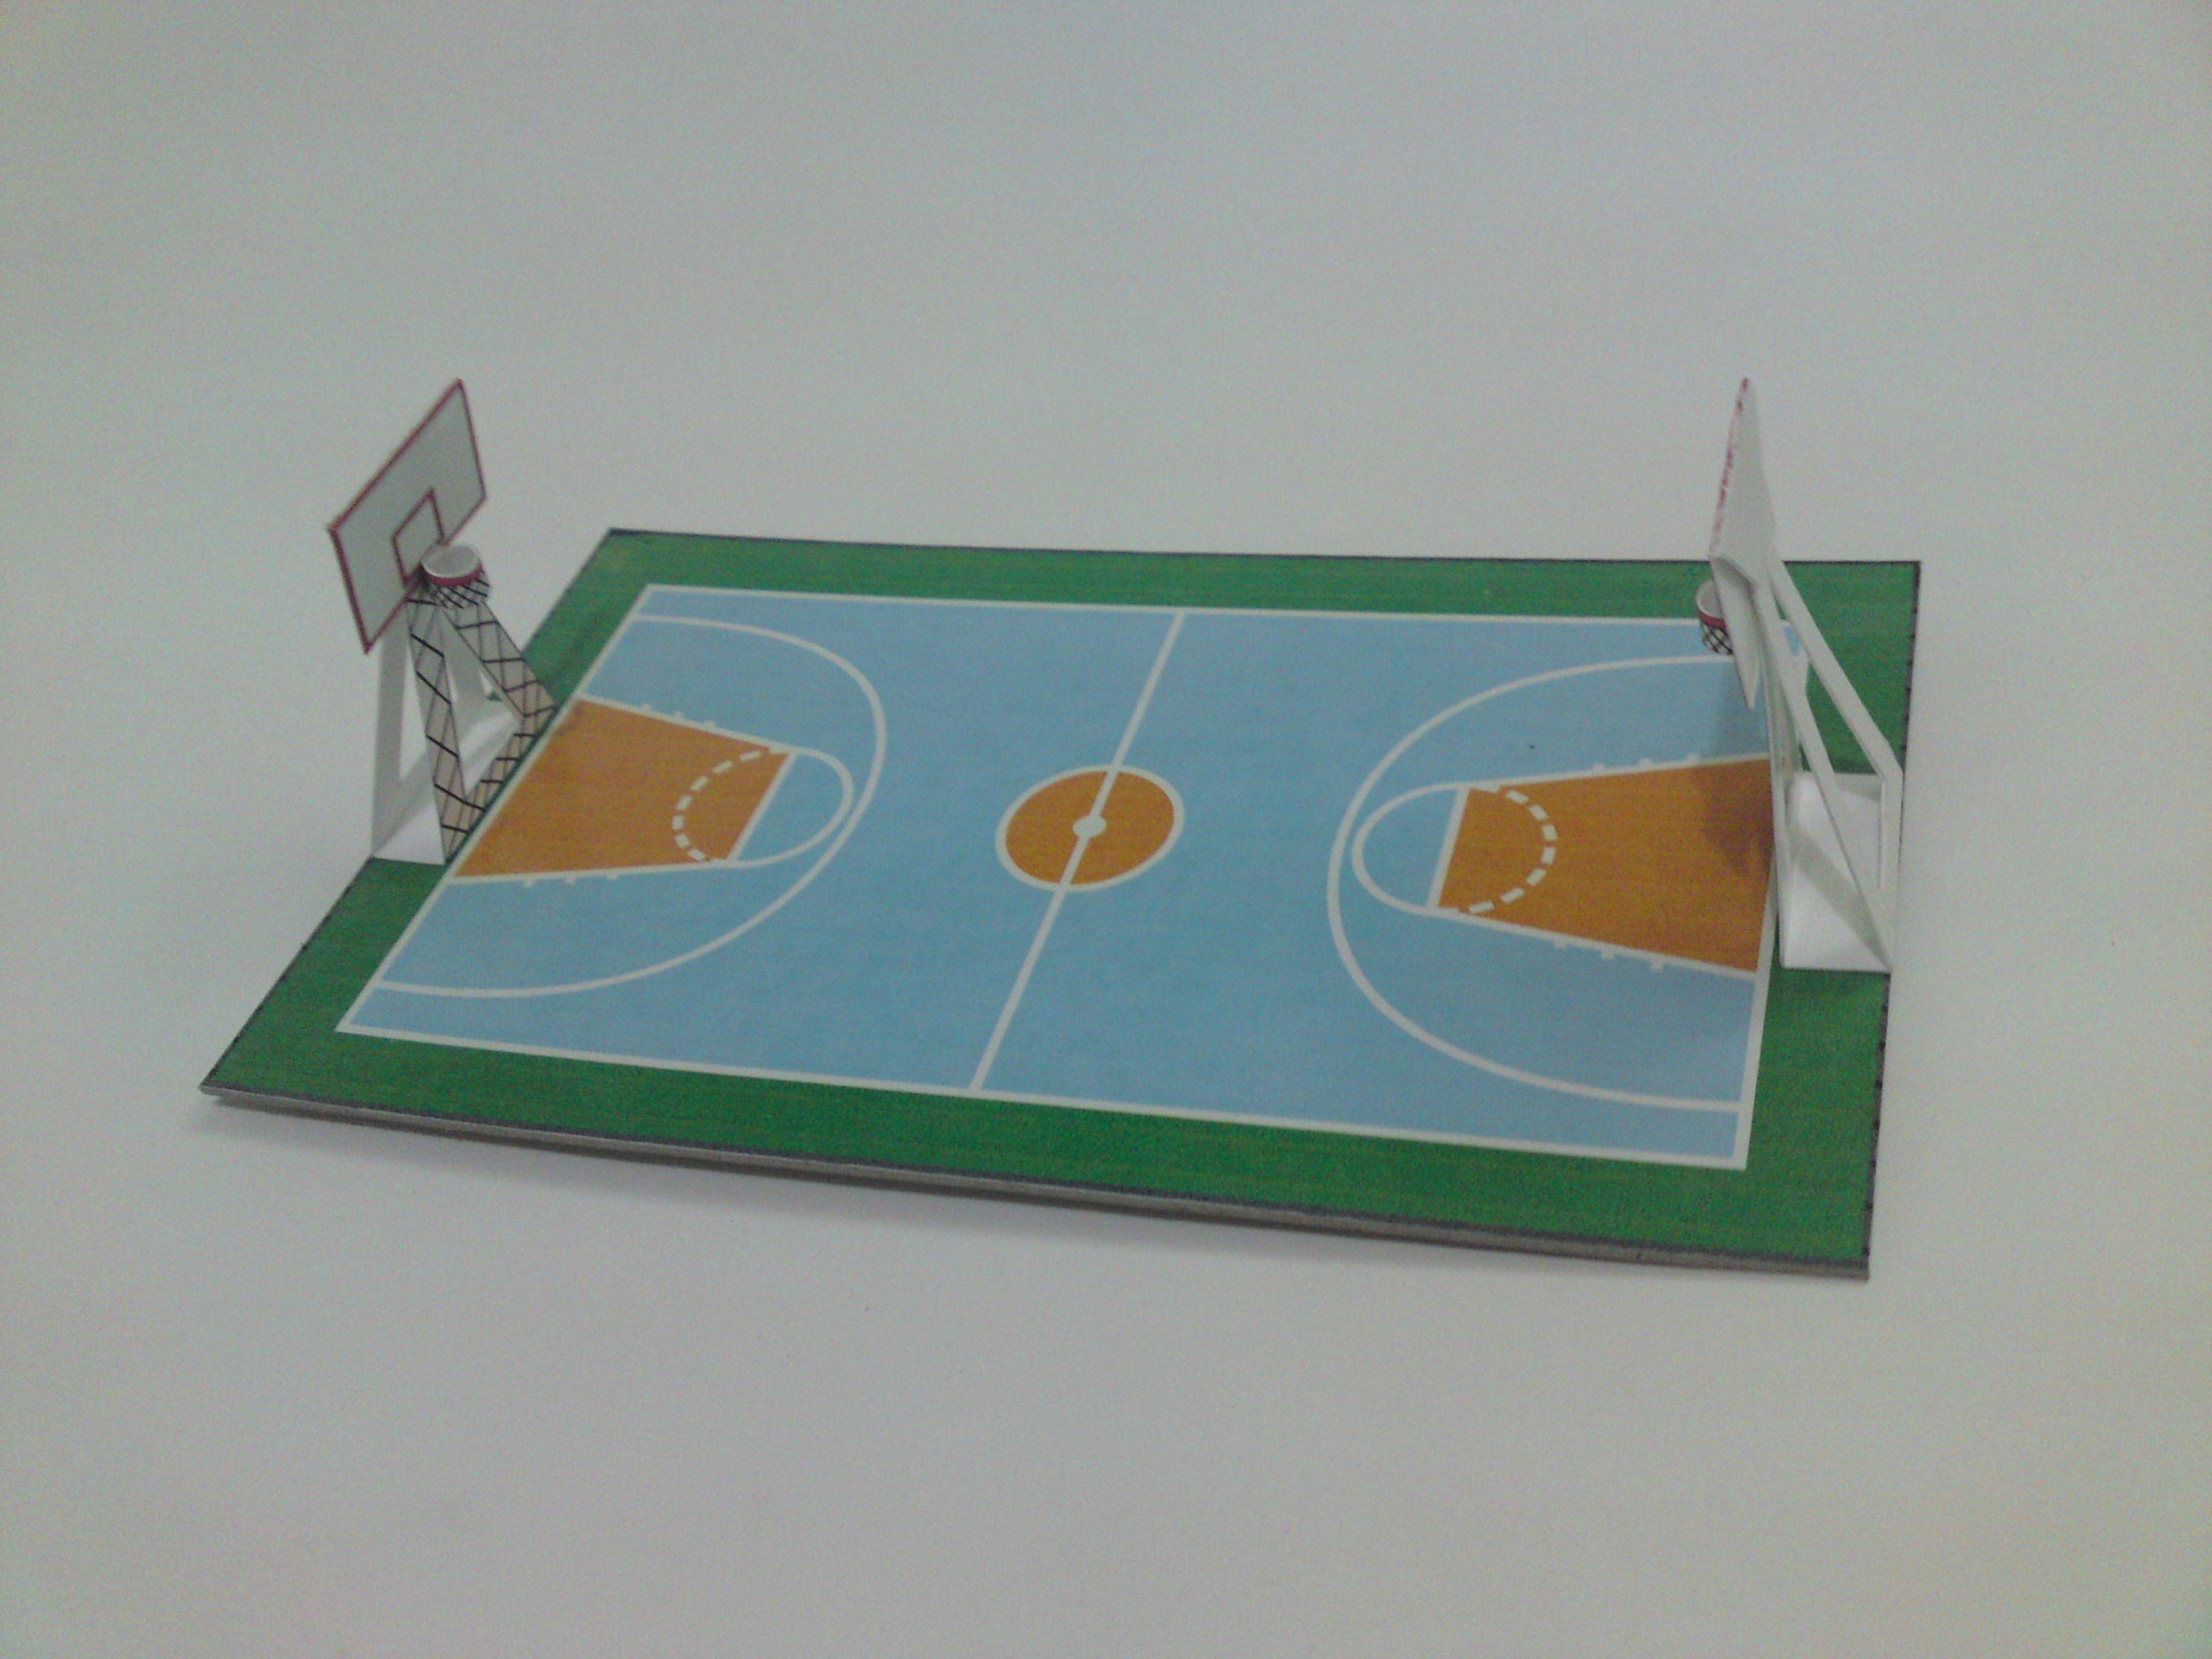 Basketball Court Cancha De Baloncesto Maquetas Escolares Ideas De Colegio